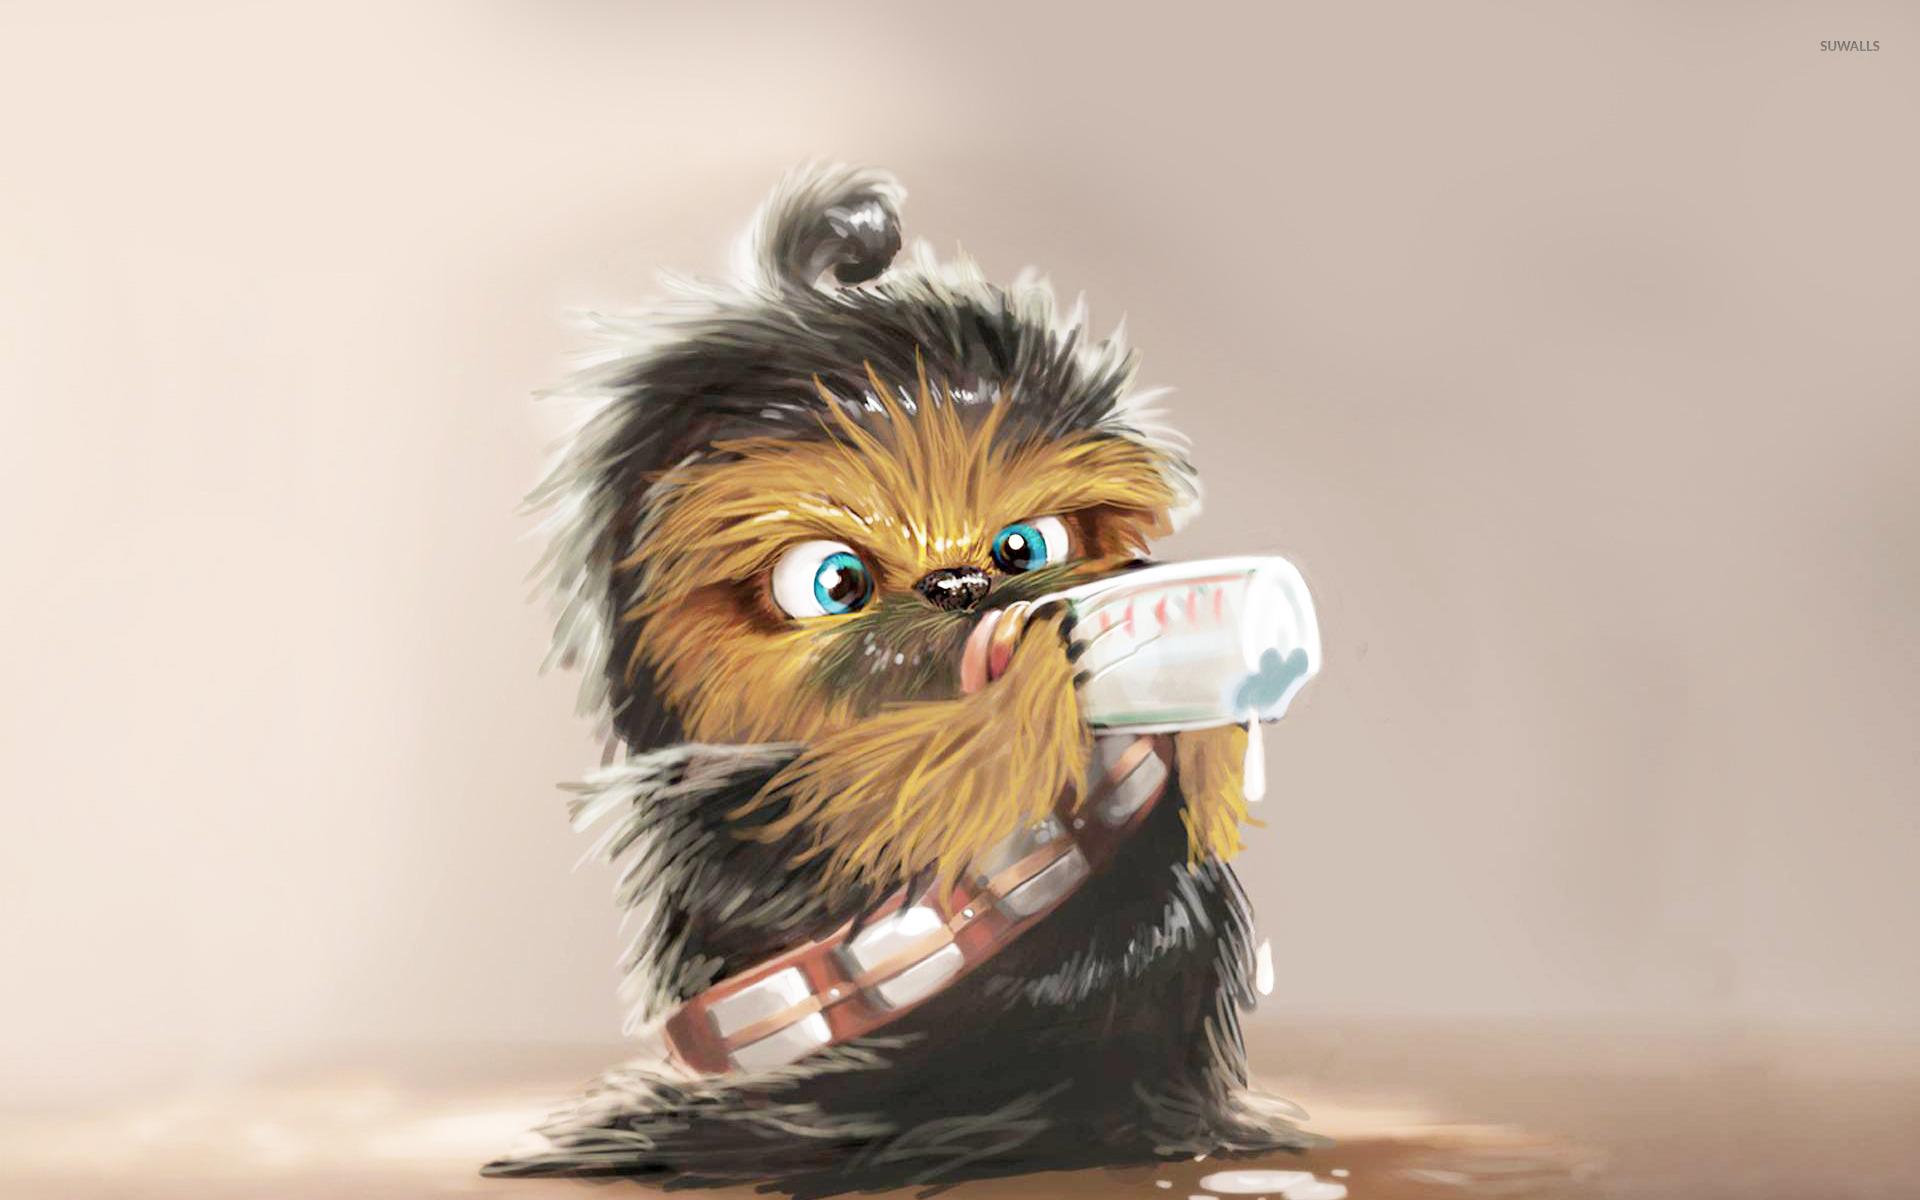 star wars chewbacca wallpaper - photo #10